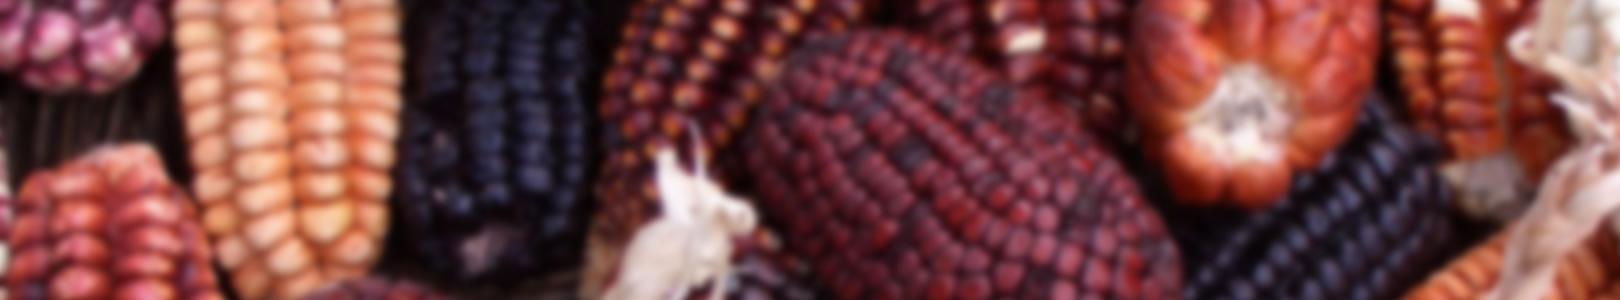 Maïs du Pérou, agence de voyage au Pérou